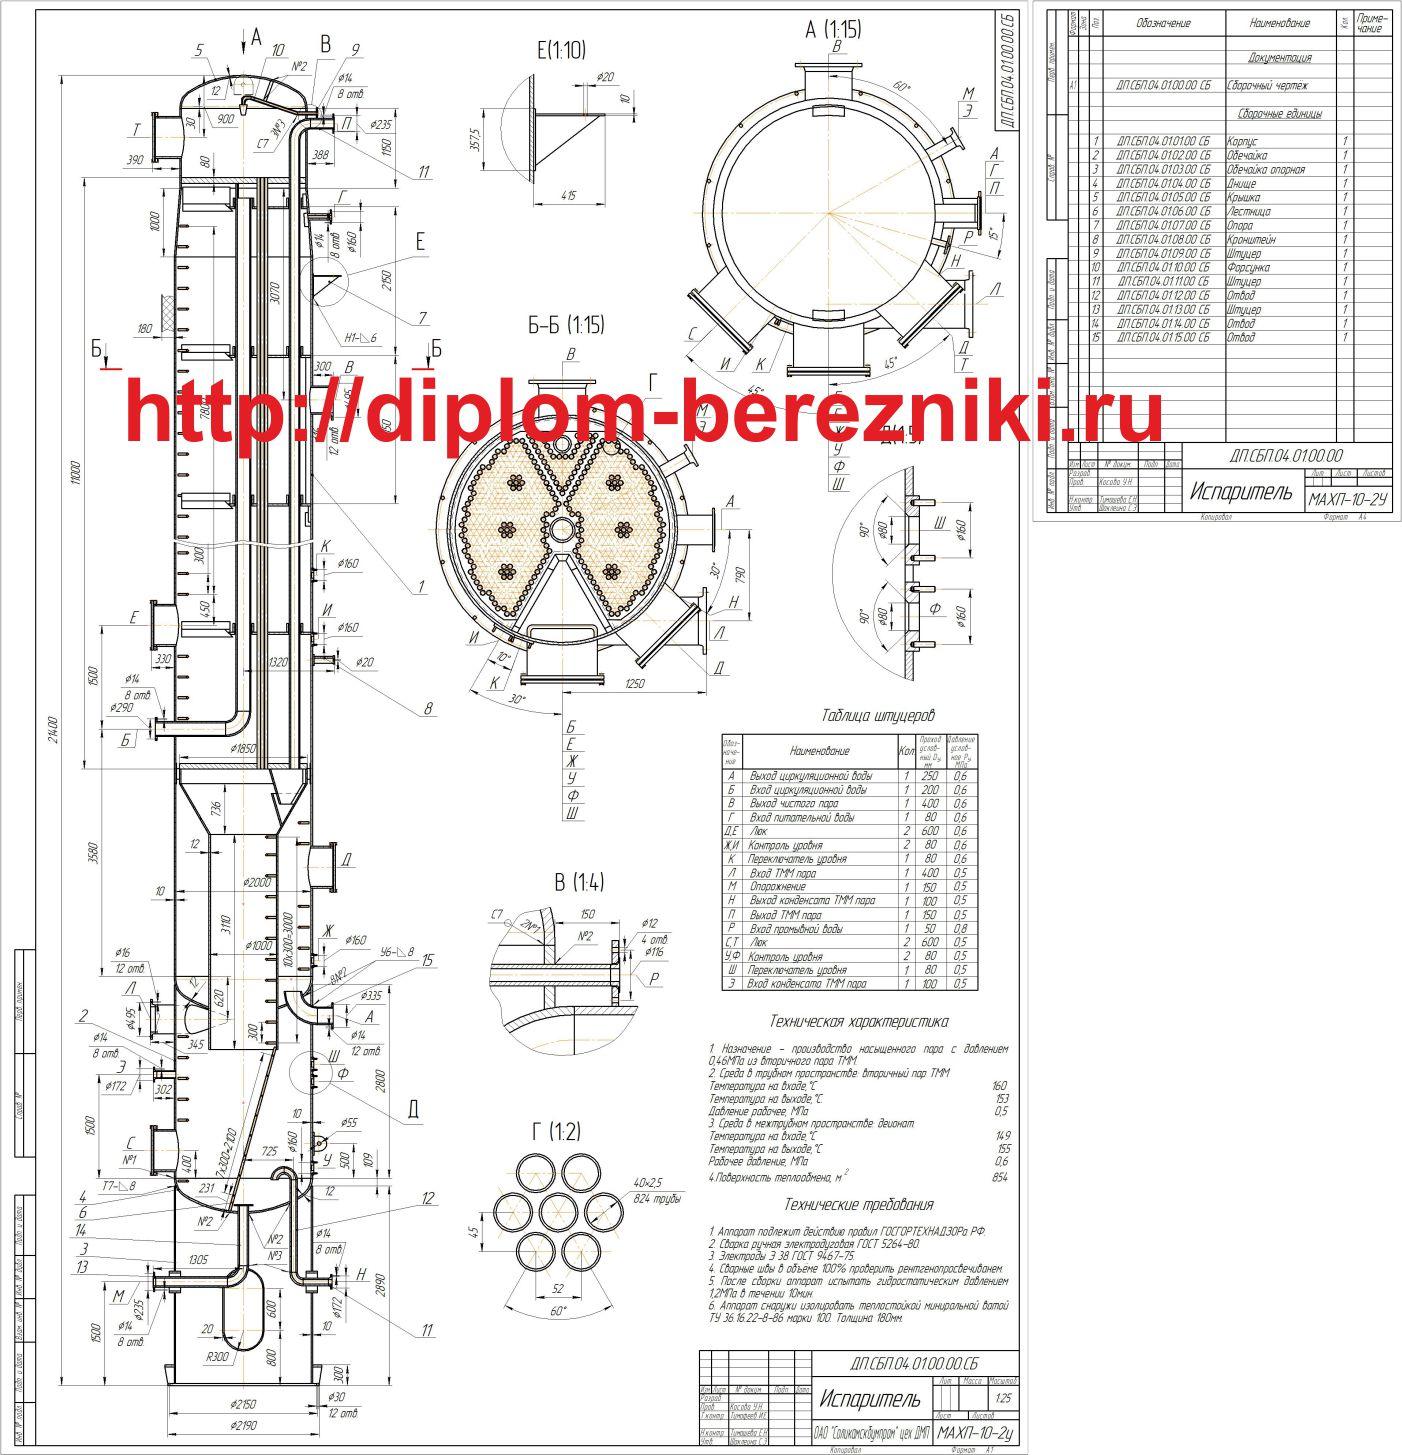 чертеж теплообменник испаритель в производстве вторичного пара